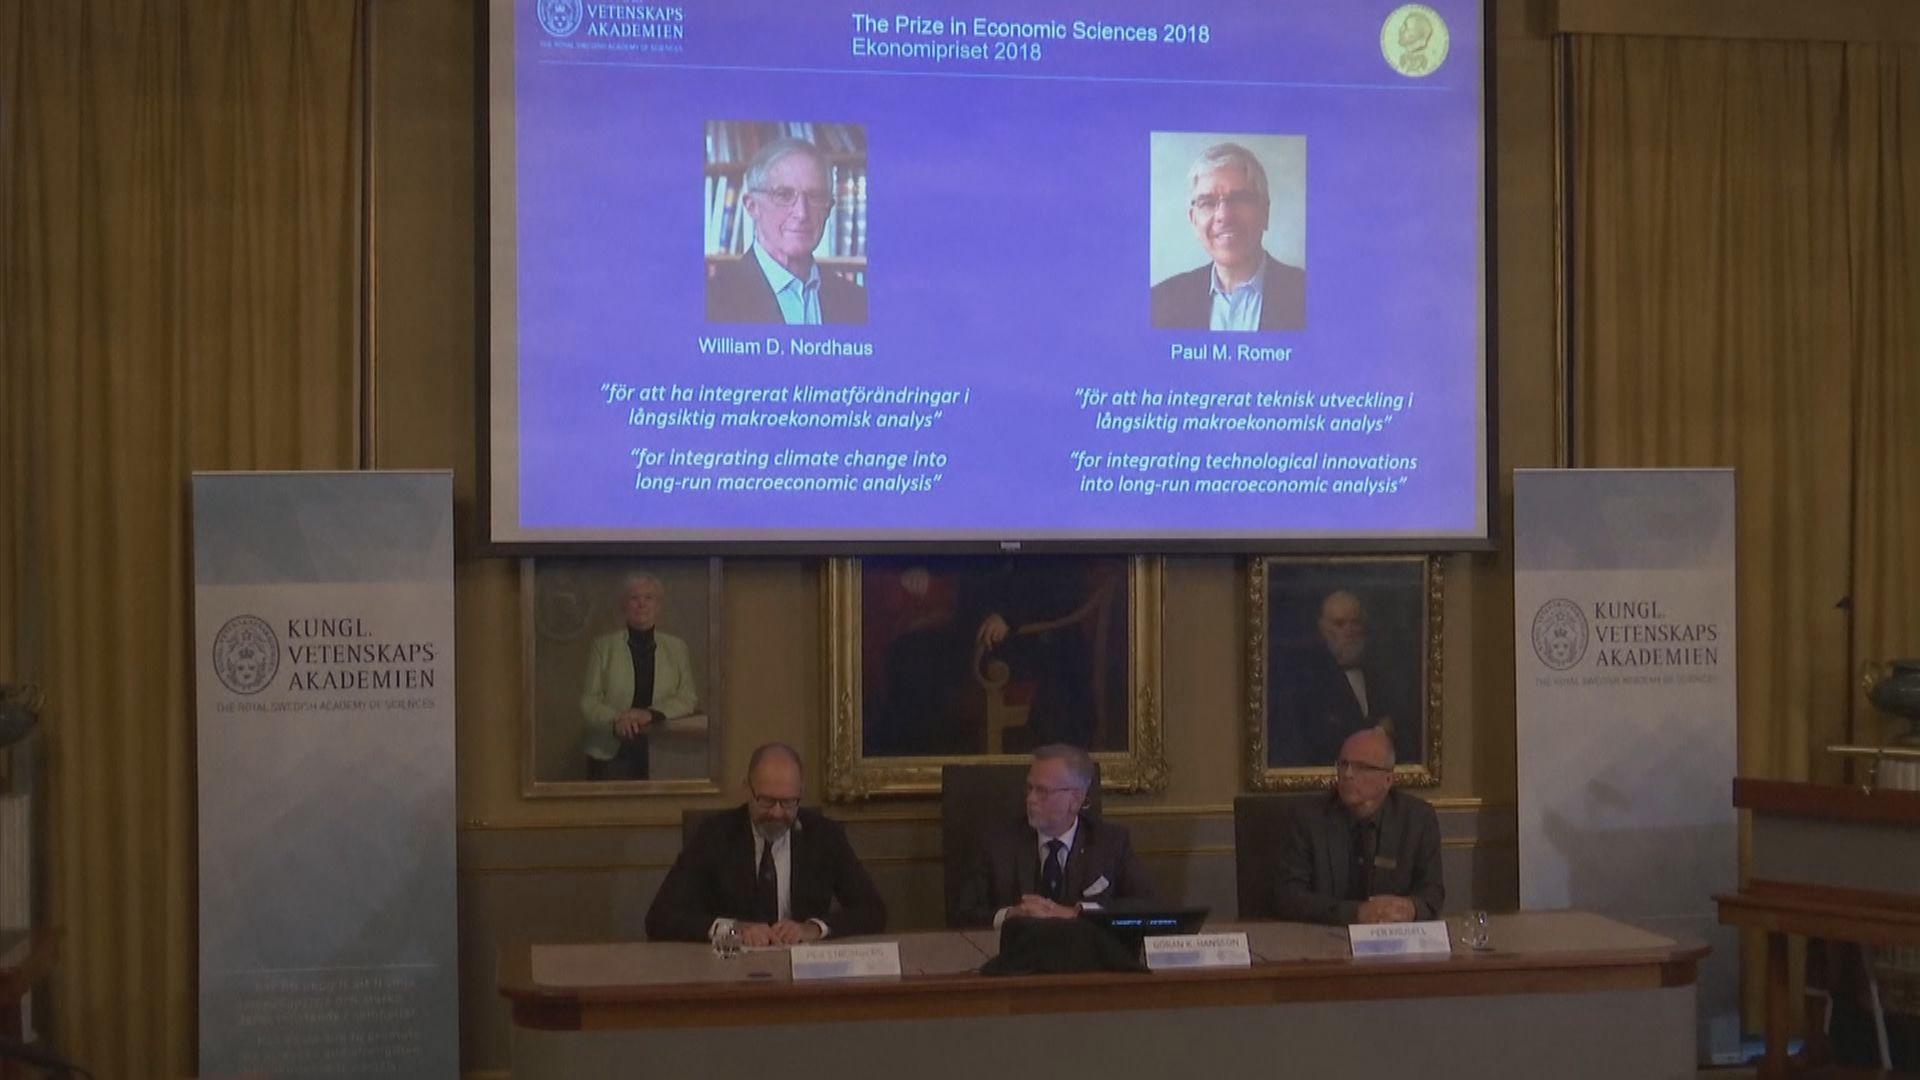 兩美國學者同奪諾貝爾經濟學獎